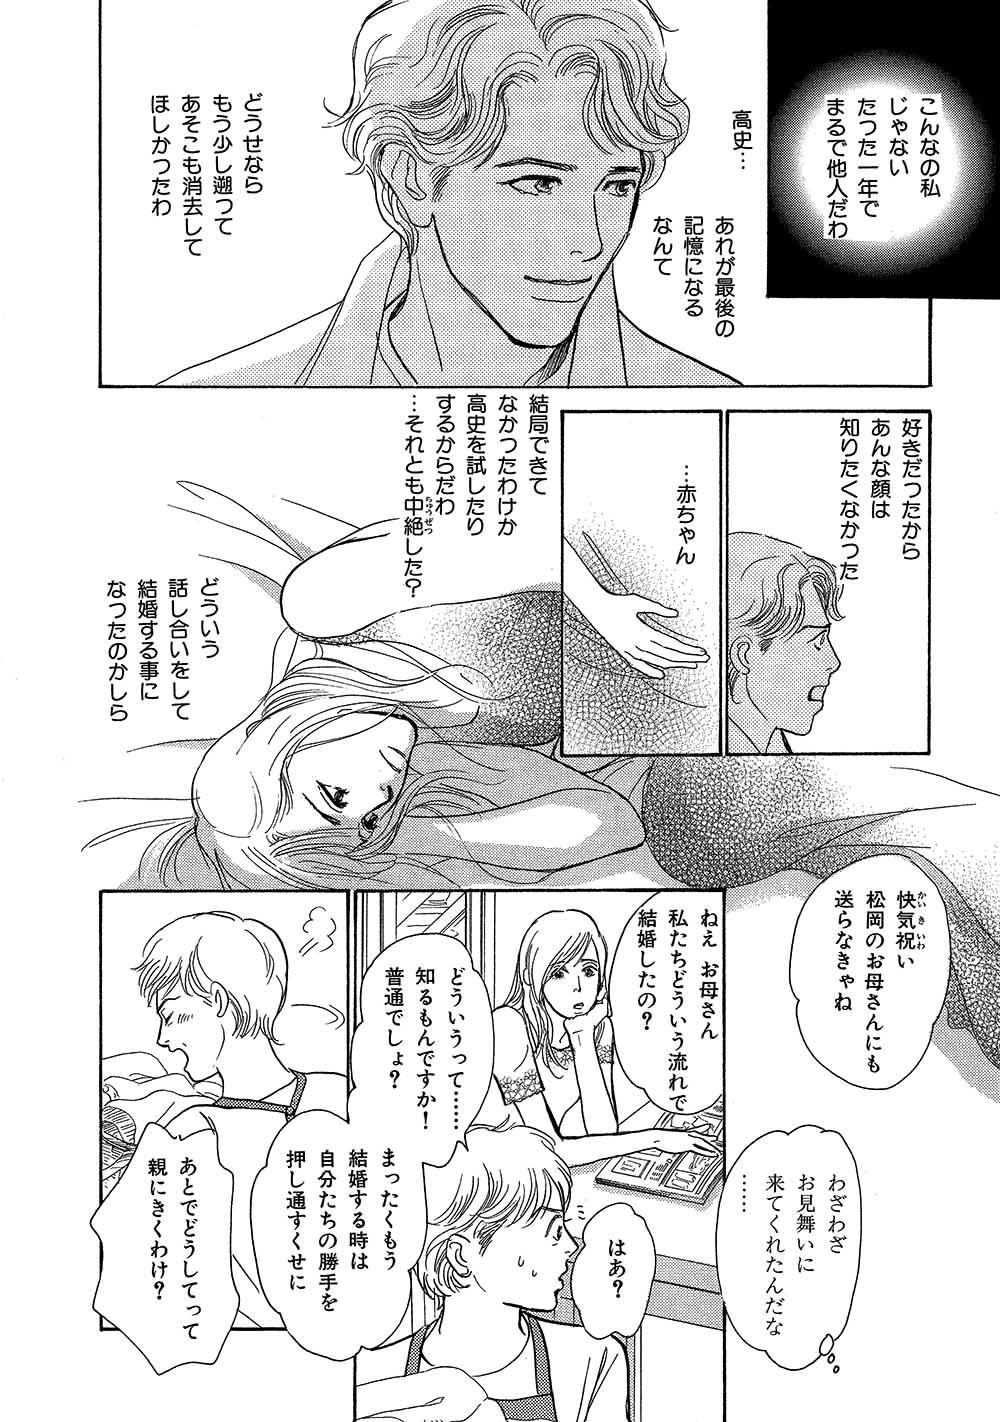 hyakki_0016_0078.jpg